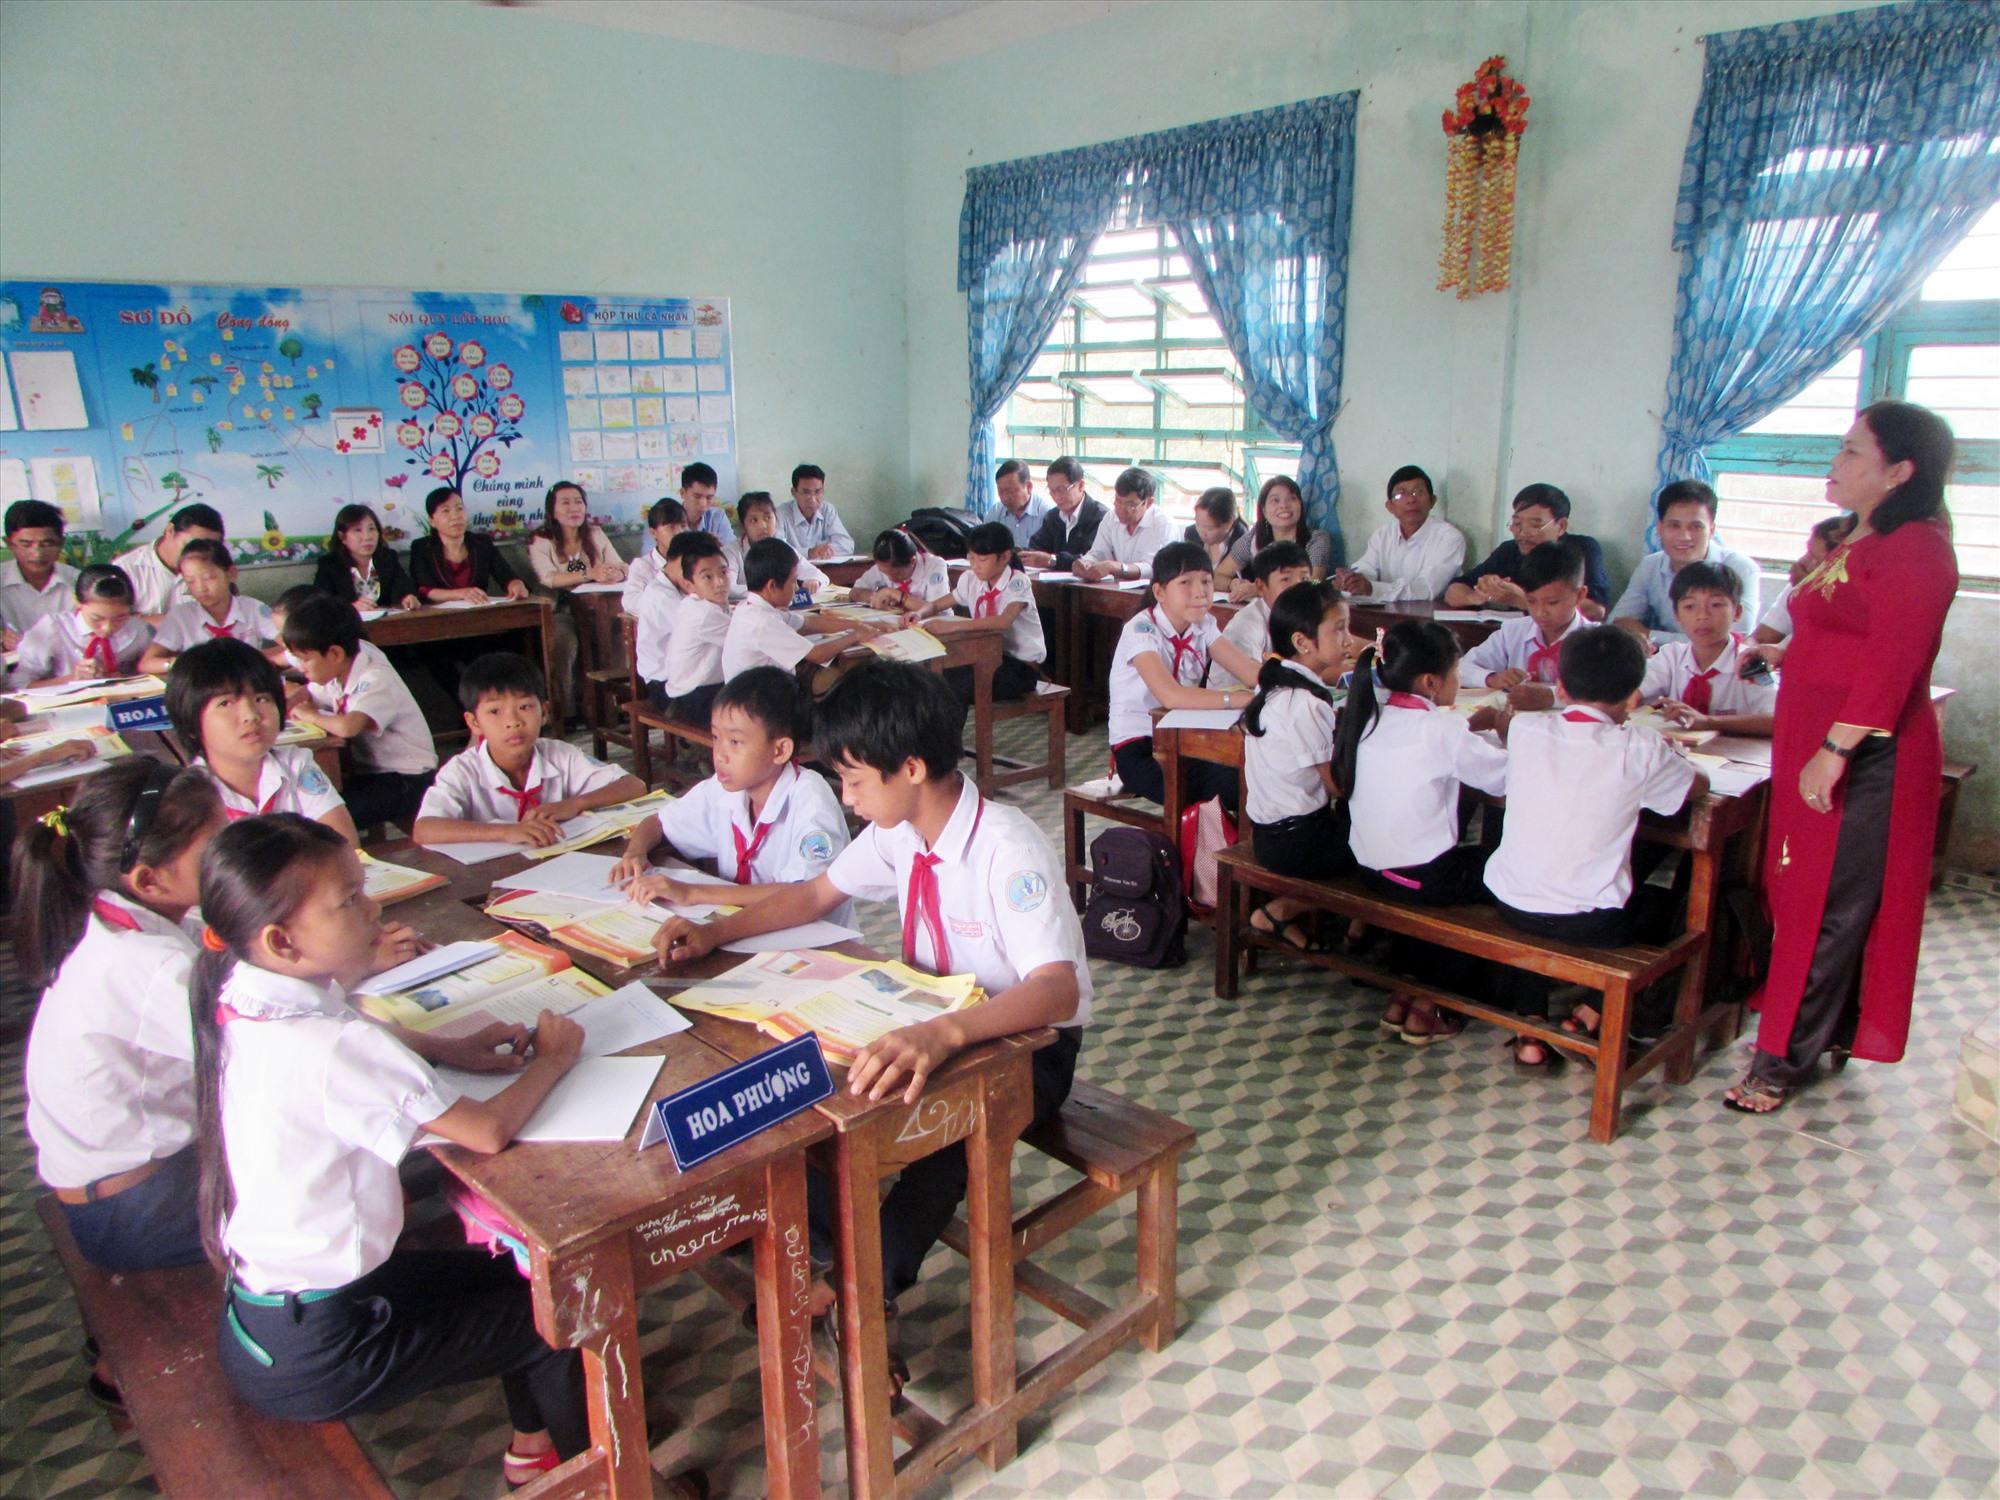 Năm học 2020 - 2021, Núi Thành kiến nghị tăng thêm 34 biên chế cho ngành giáo dục. Ảnh: V.P